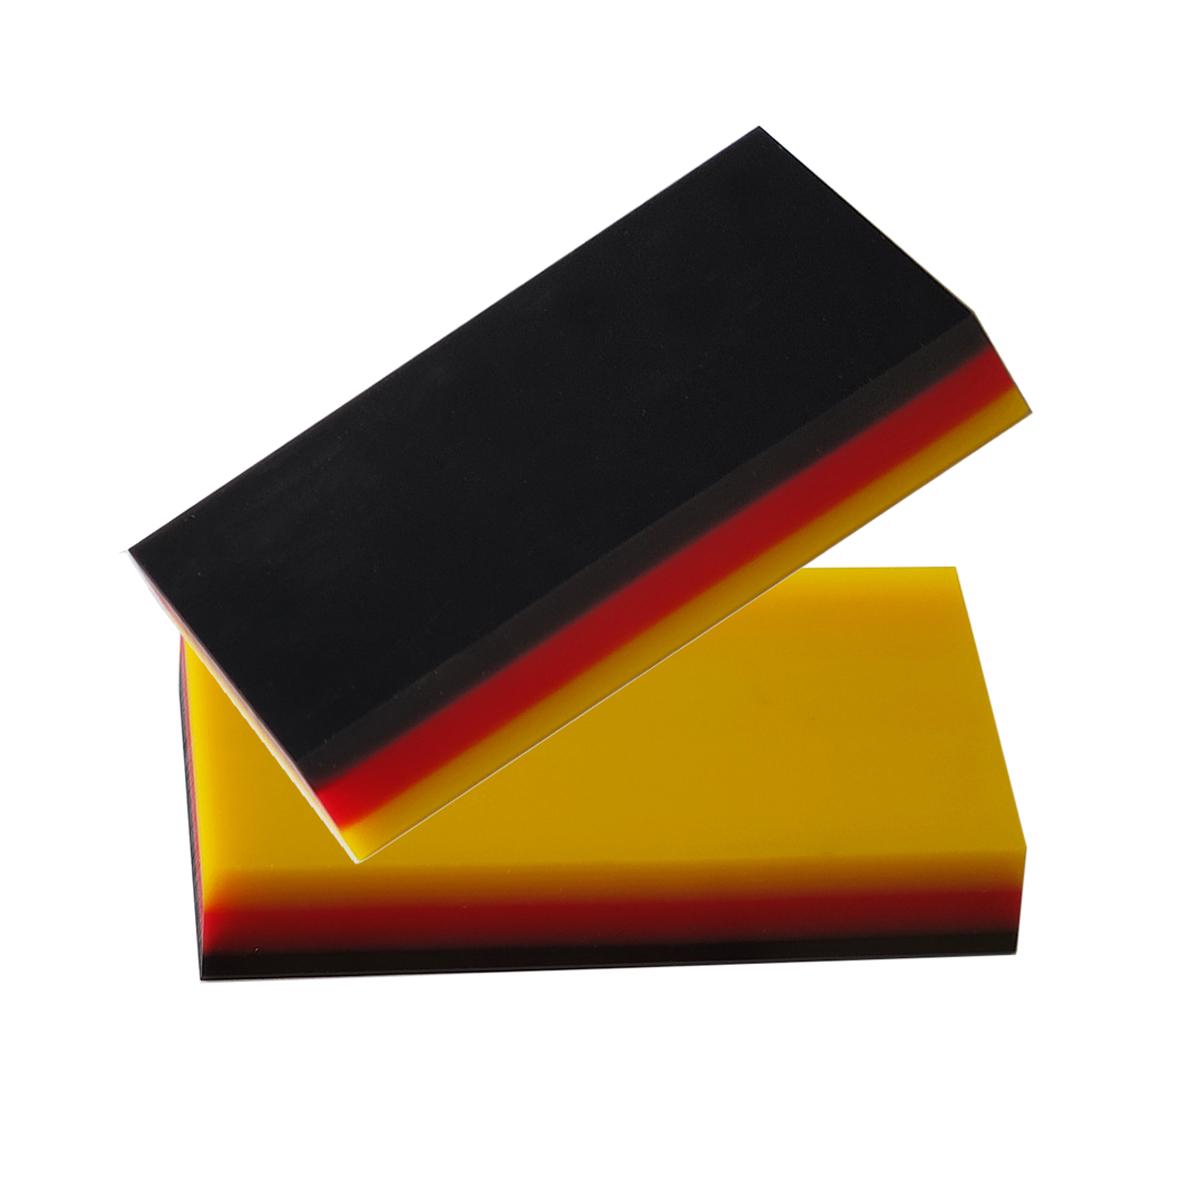 2 in1 углеродного волокна виниловая пленка для оклеивания автомобилей упаковка защитная Пленка Установка скребок оконная тонировка наклейки мягкий скребок Инструмент для чистки автомобилей B78